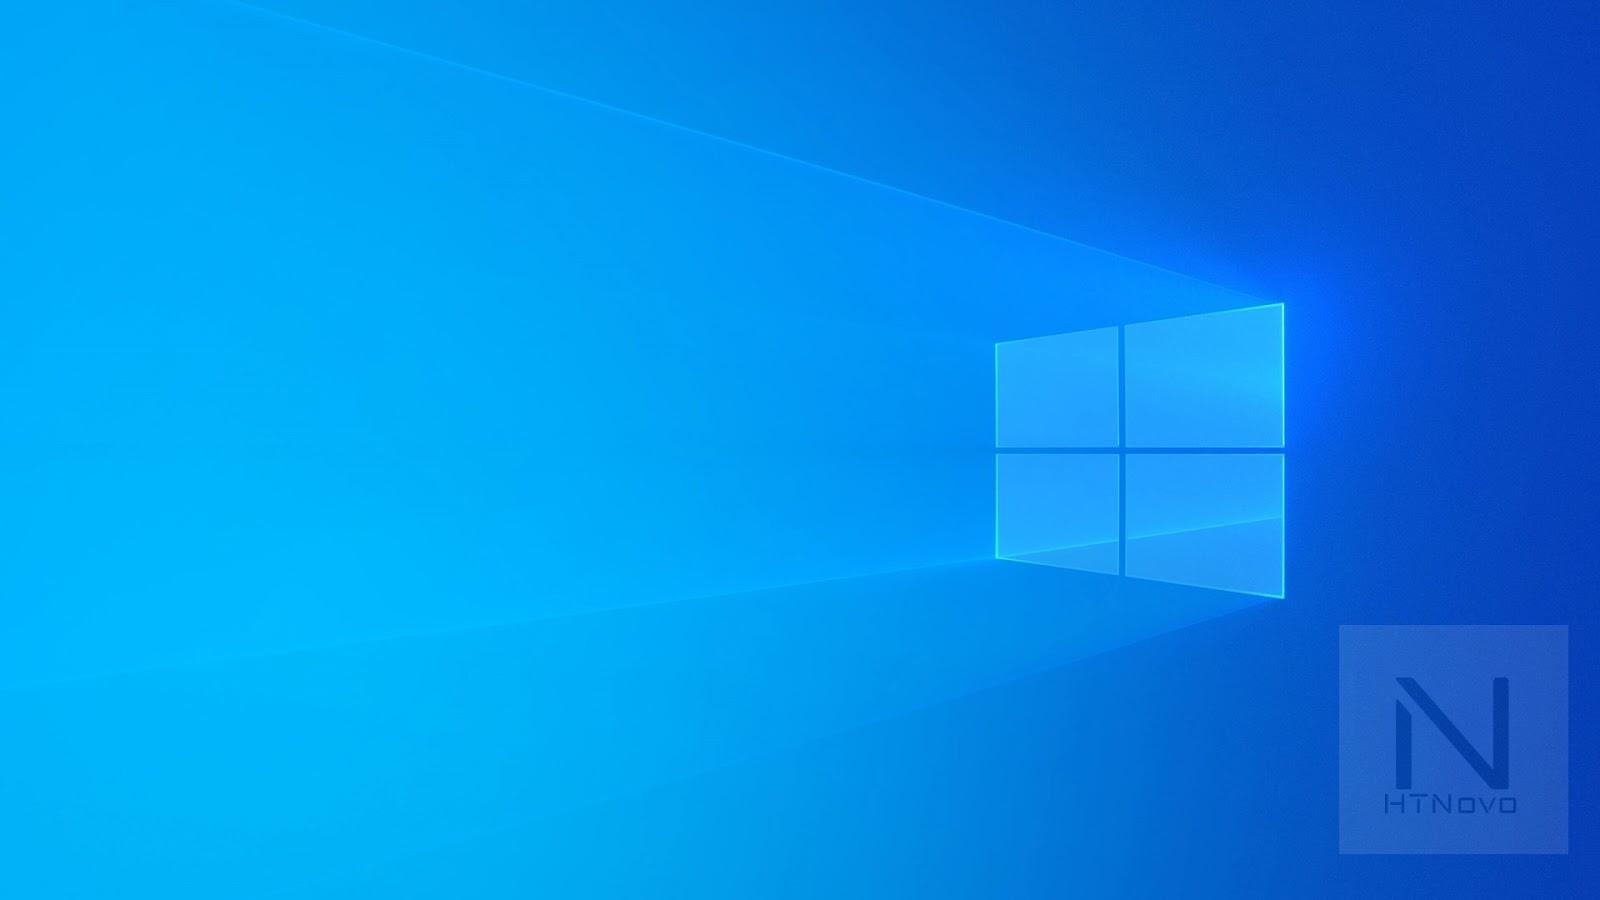 Aggiornamento per Windows 10 19H2 - Build 18362.10005